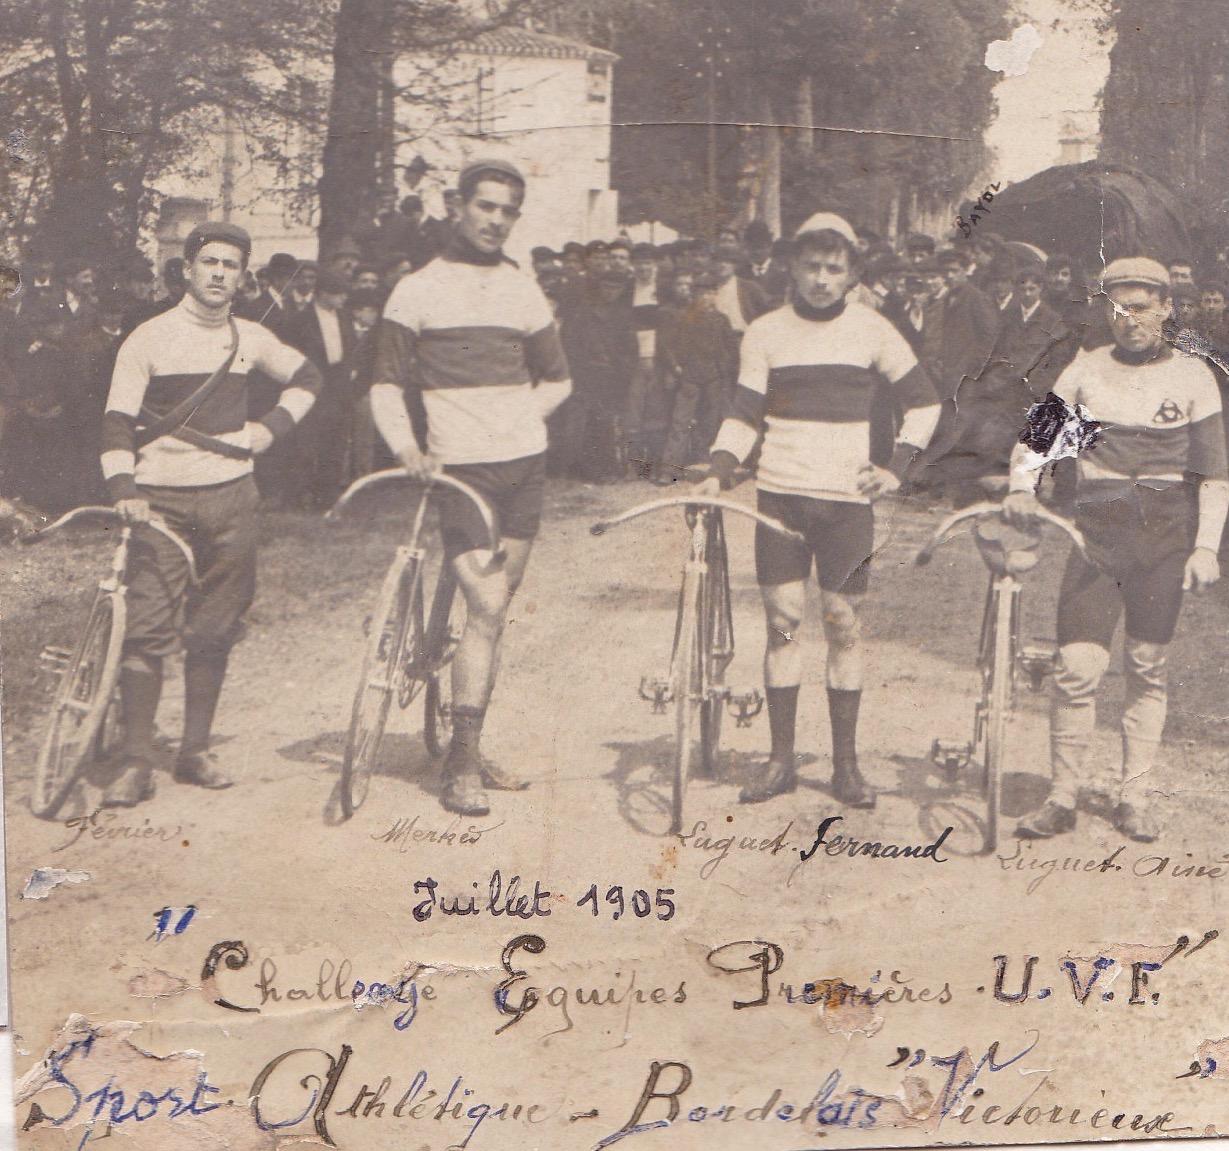 Les Luguet et le SAB 1905.jpg